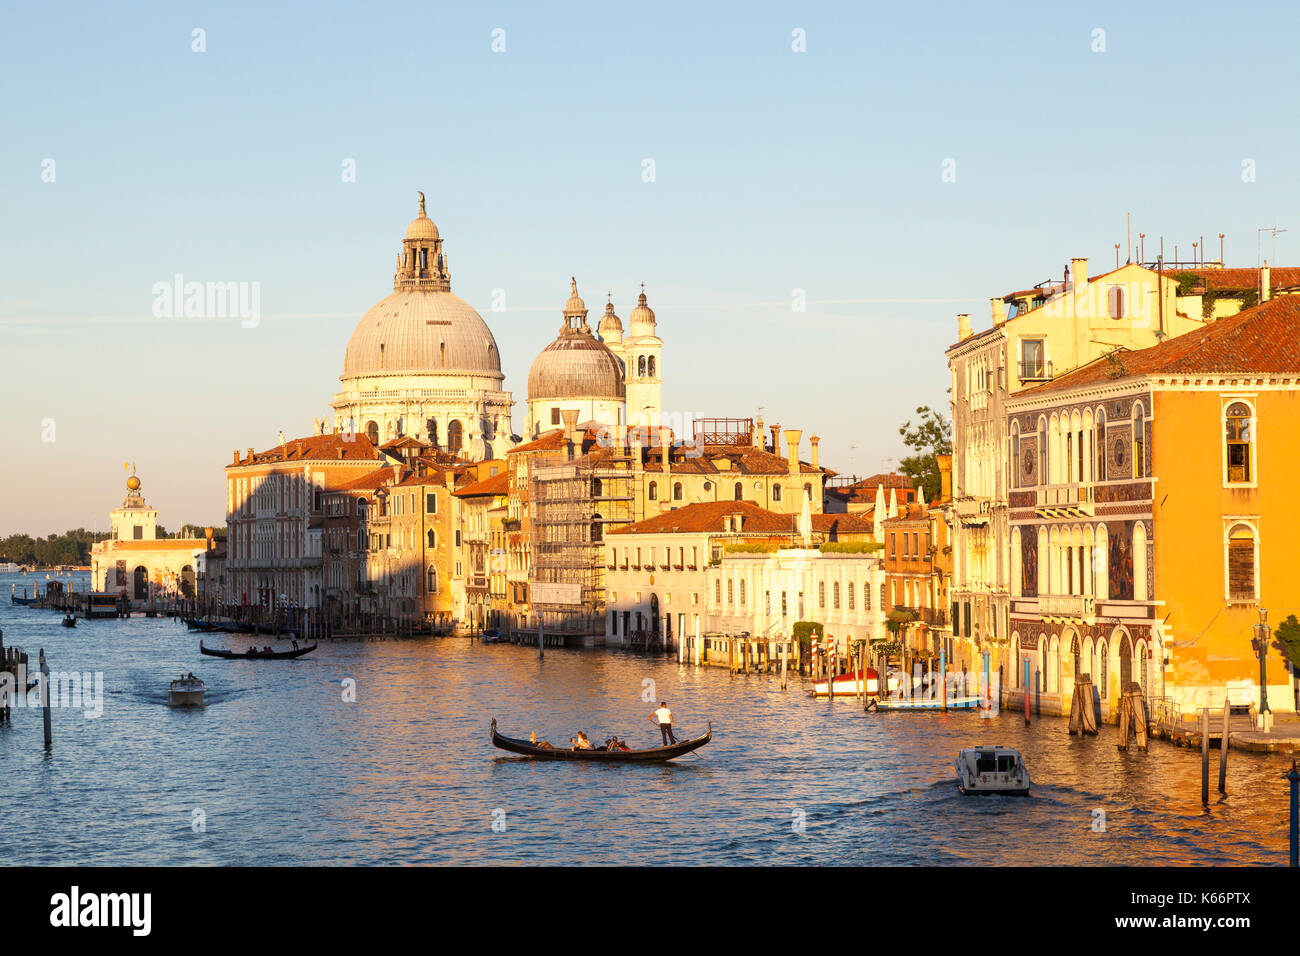 Atardecer sobre el Gran Canal y la Basílica de Santa Maria della Salute, en Venecia, Italia, con una góndola y barcos en el canal. Hora dorada luz cálida. Imagen De Stock